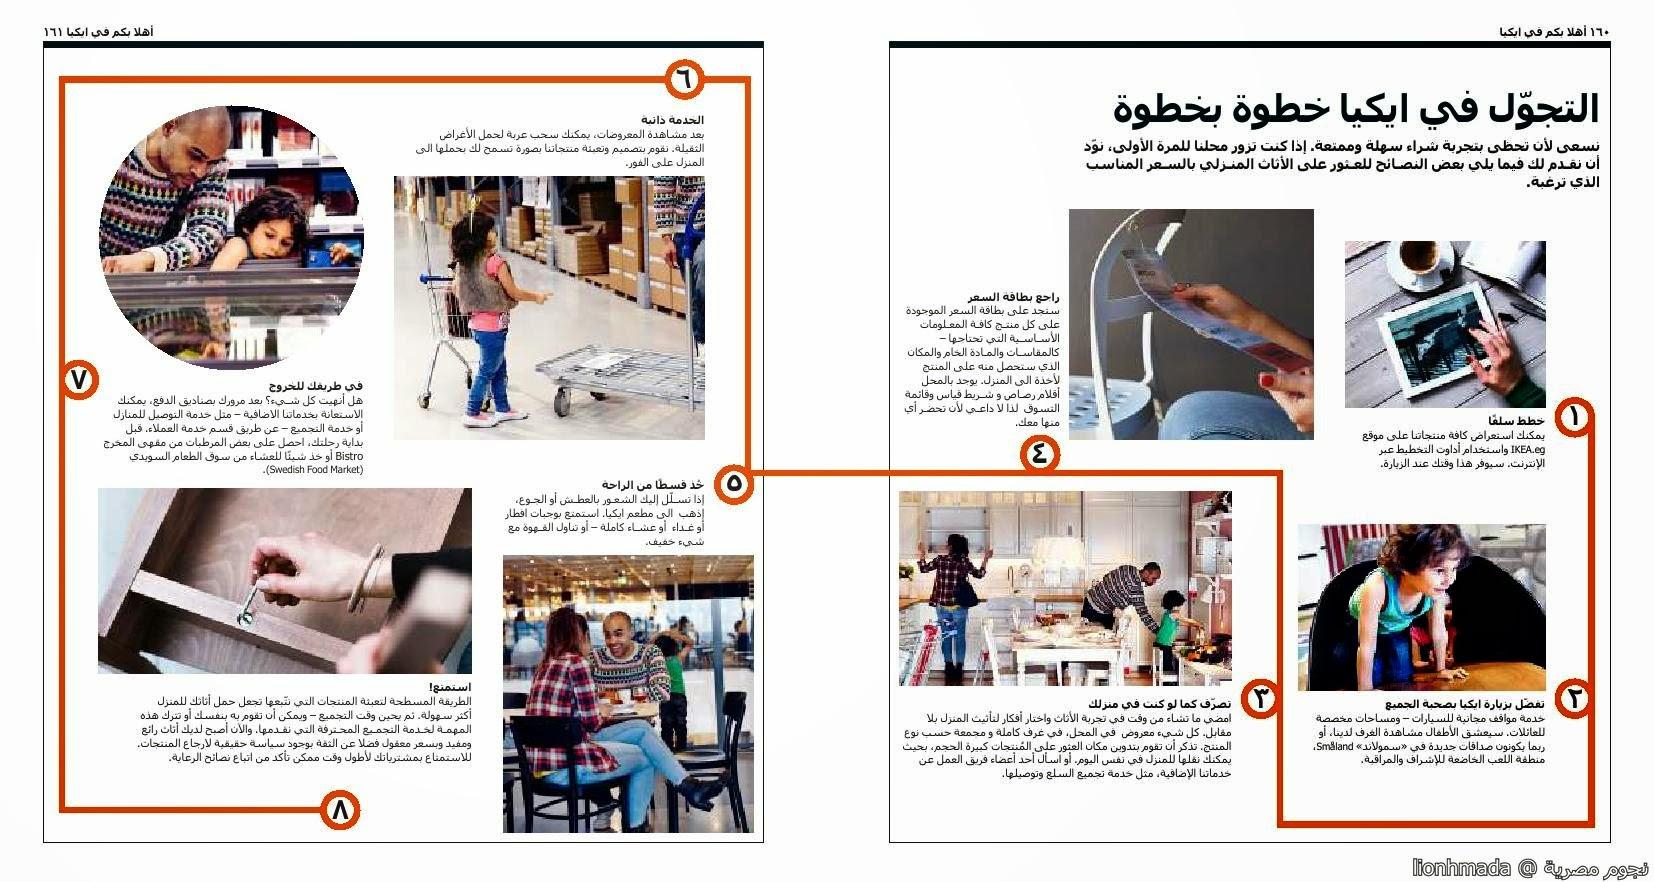 imgf8c854196e4d45bfad6f00c42548f3d1 صور كتالوج ايكيا مصر ikia للديكورات